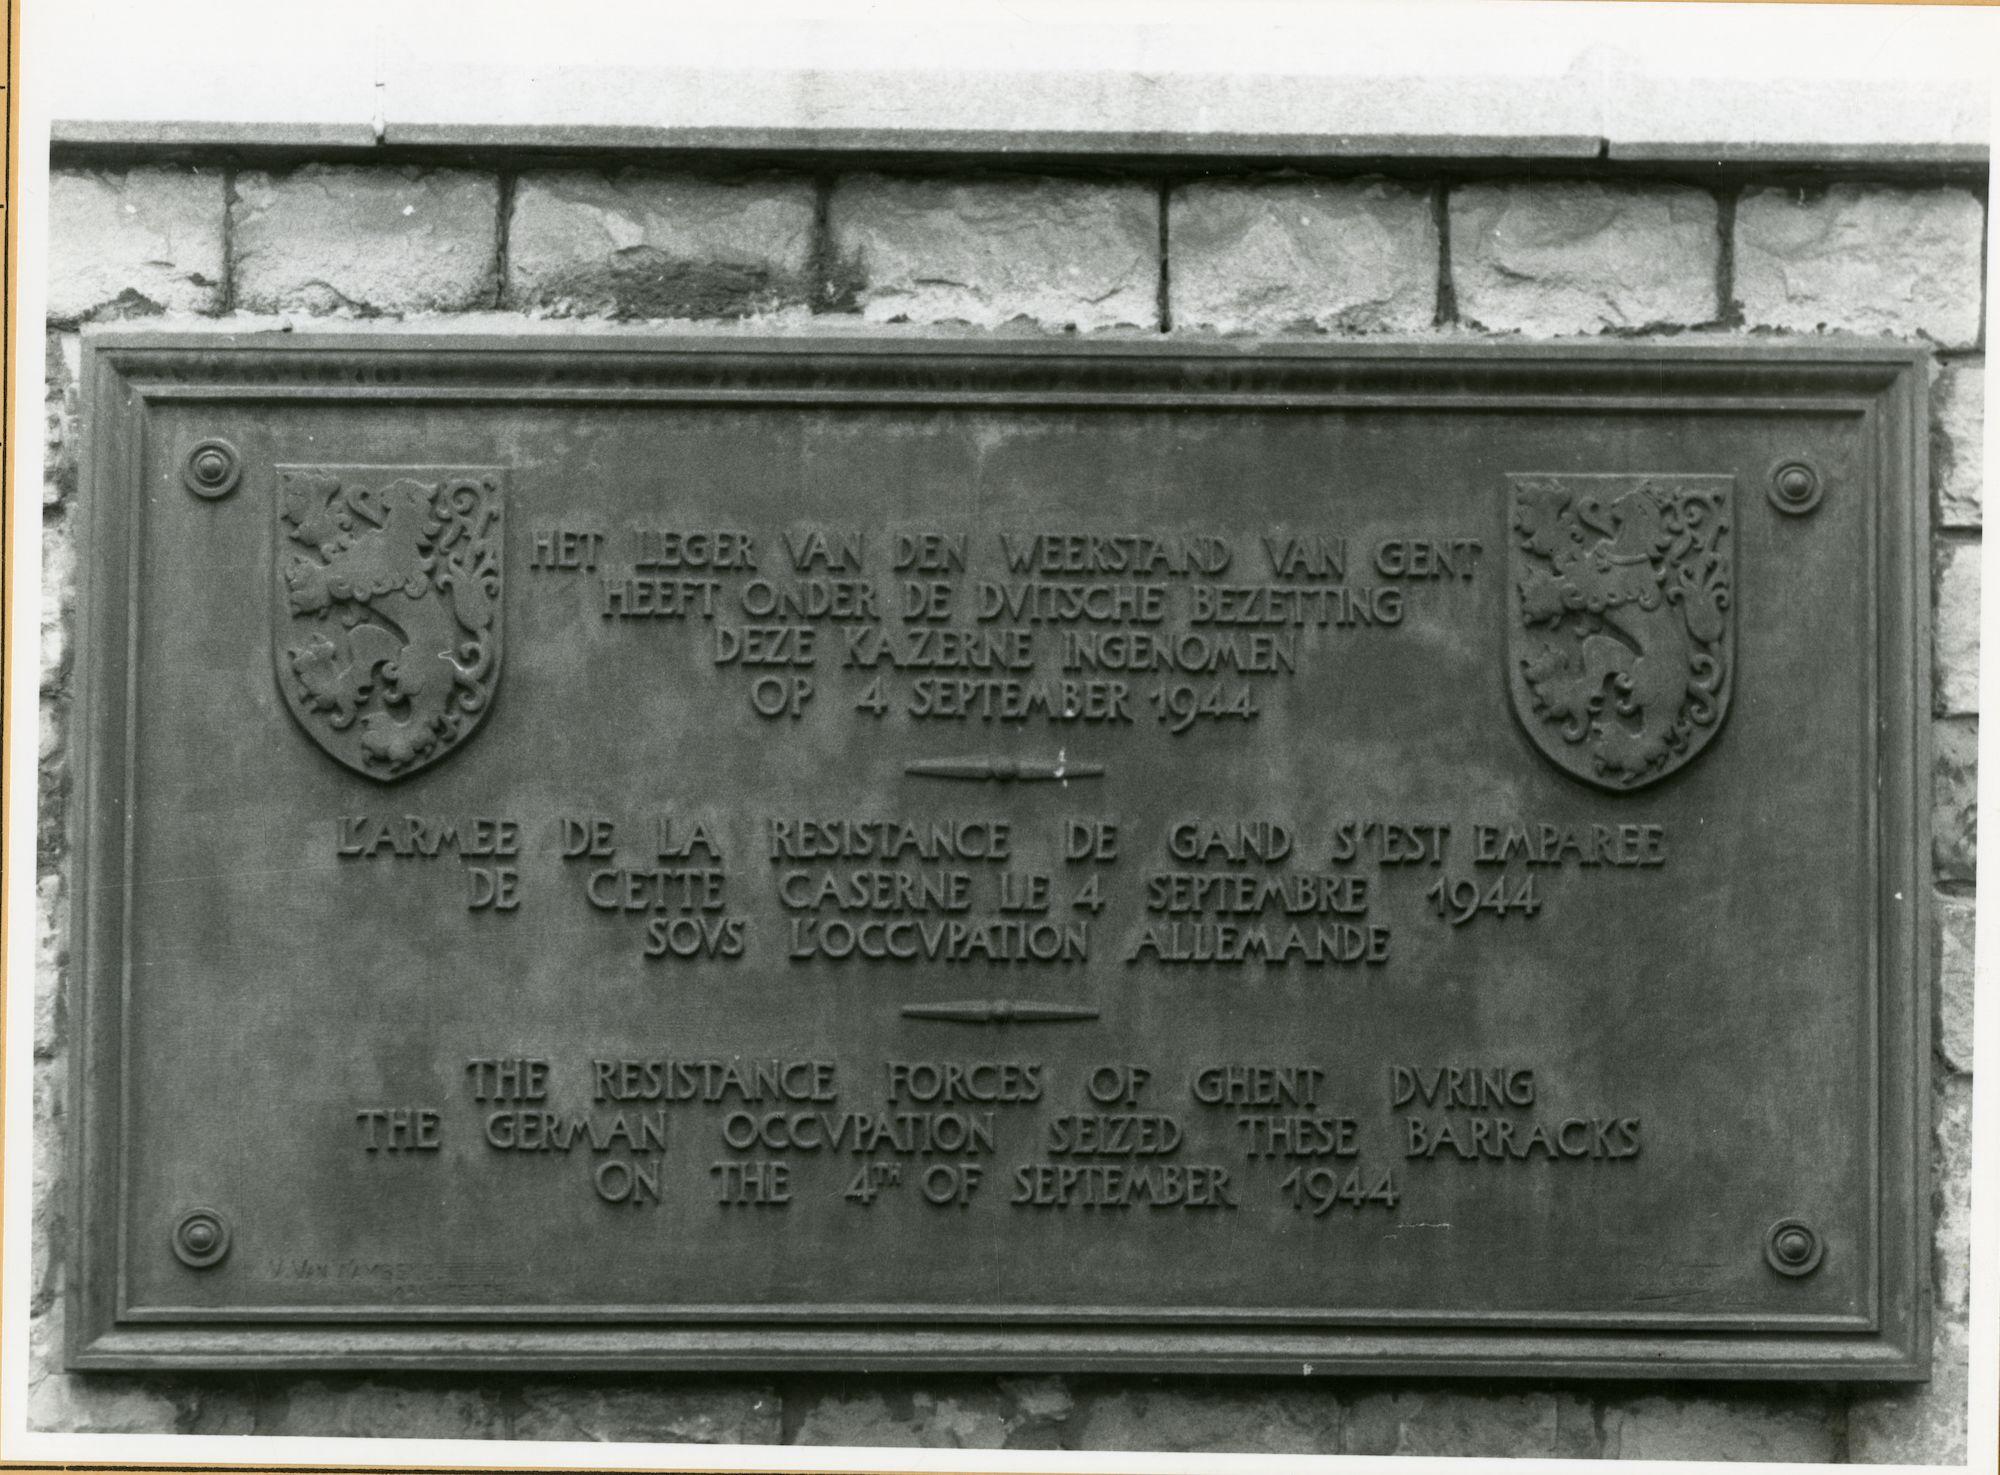 Gent: Charles de Kerchovelaan: Leopoldskazerne: gedenkplaat: leger van de weerstand, 1979